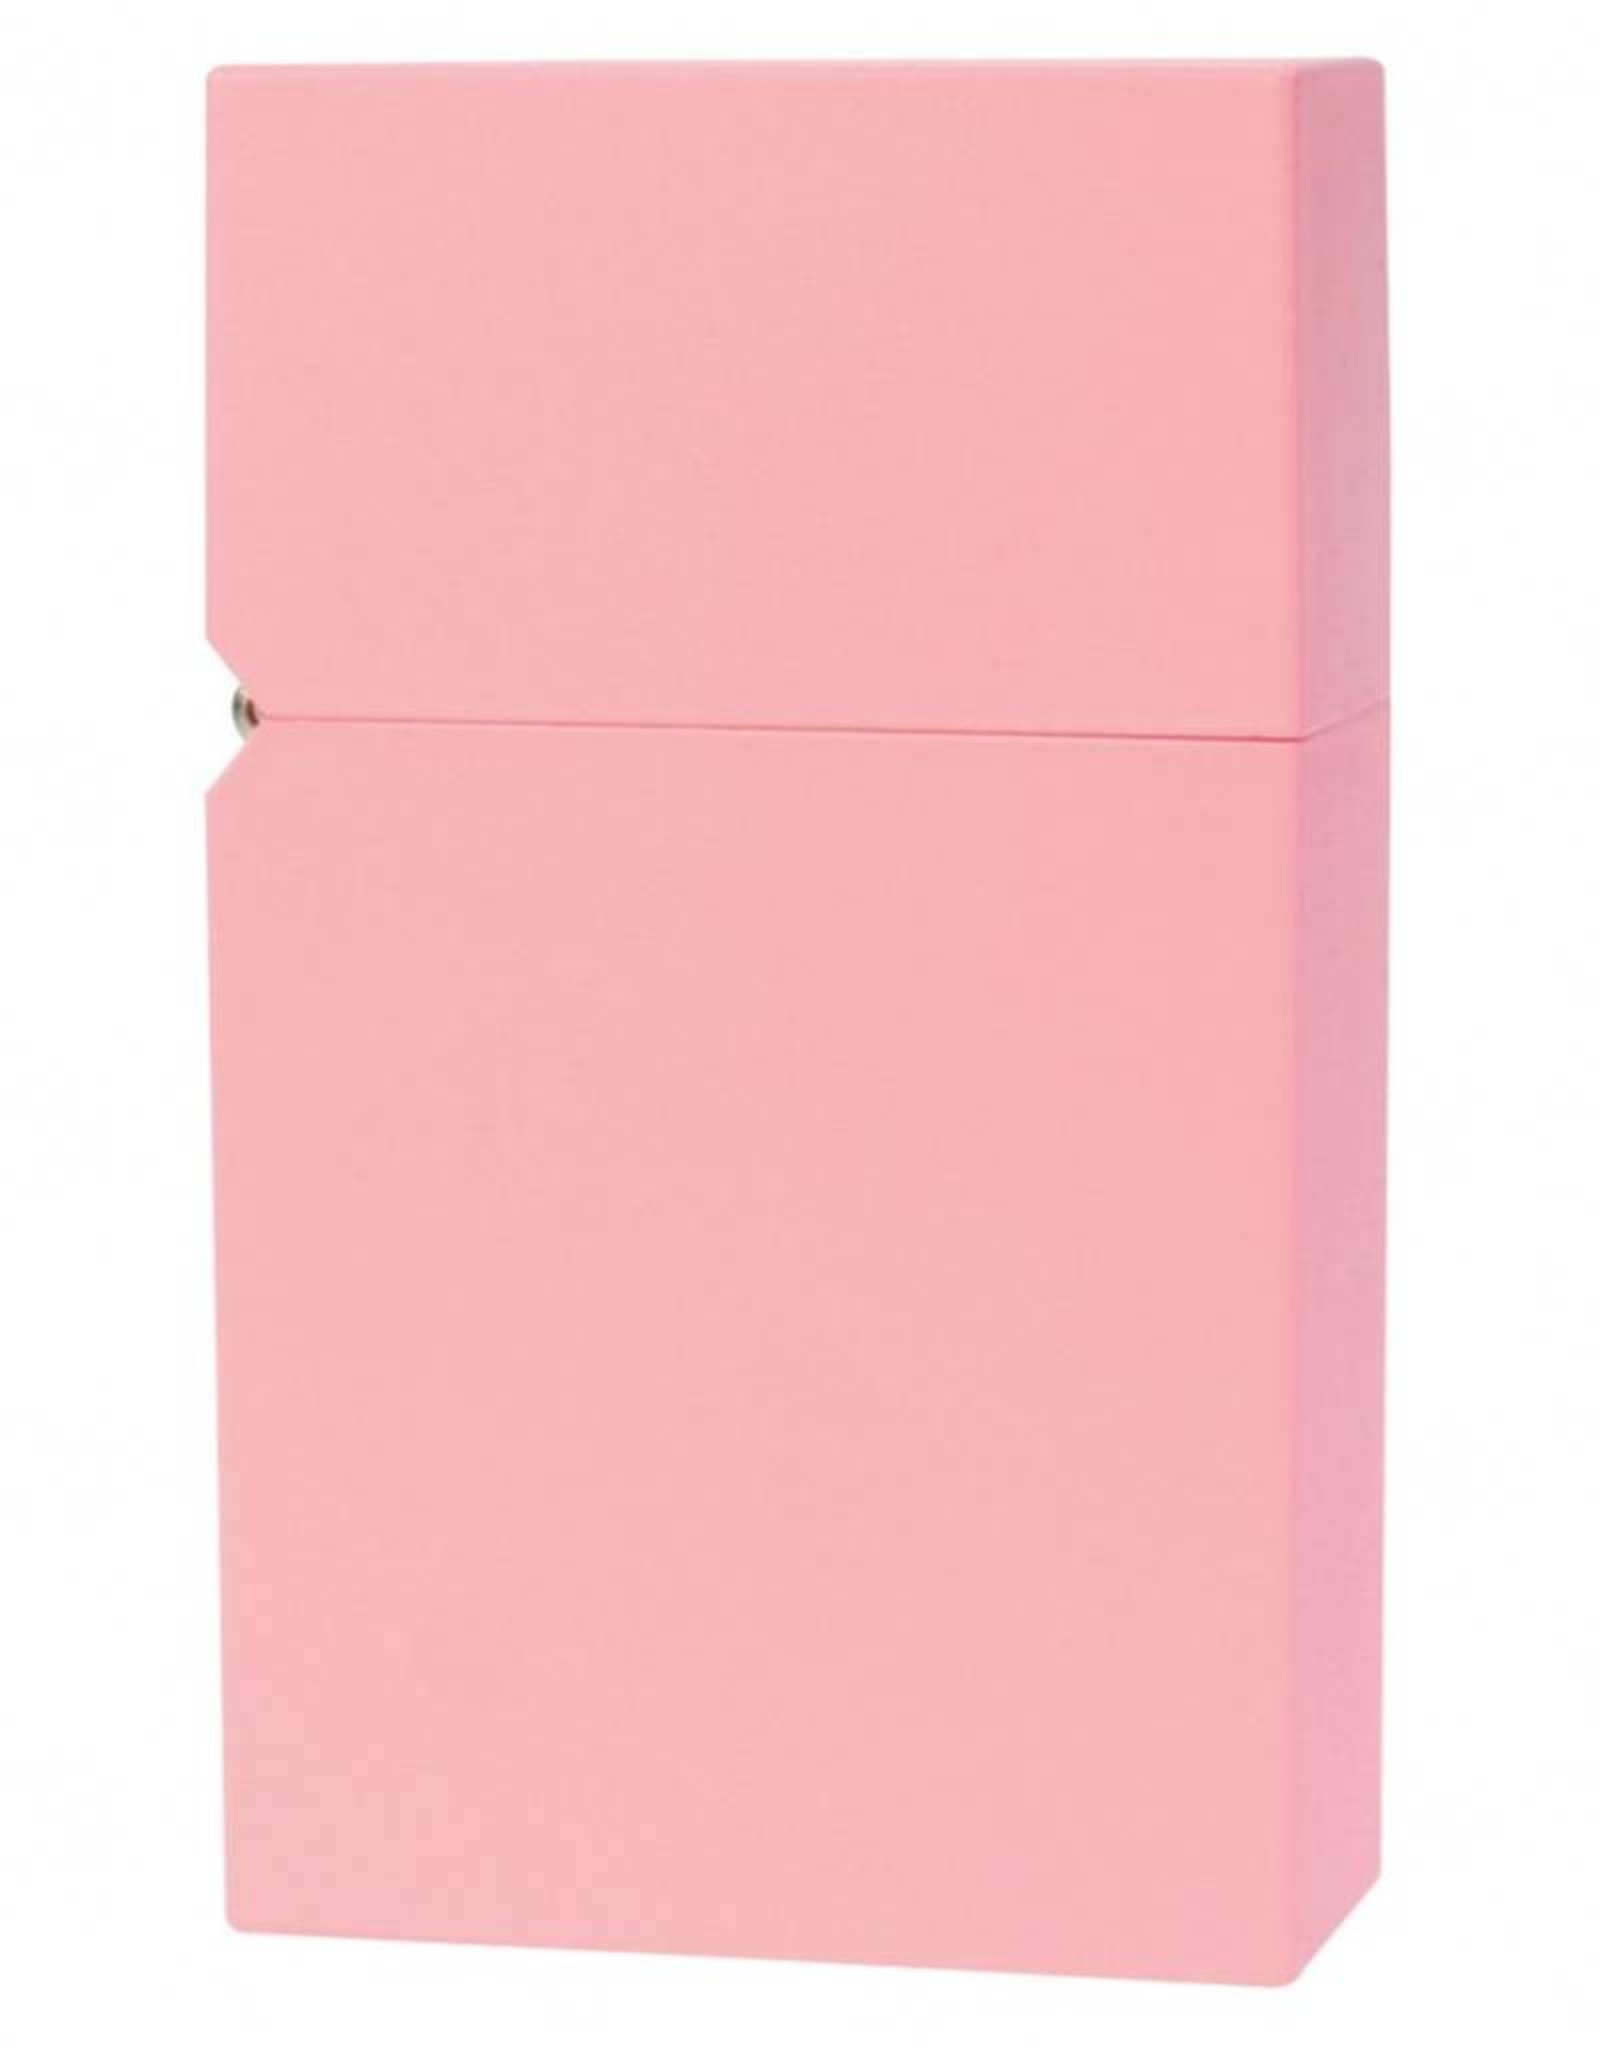 Tsubota Pearl Lighter Colour Light Pink